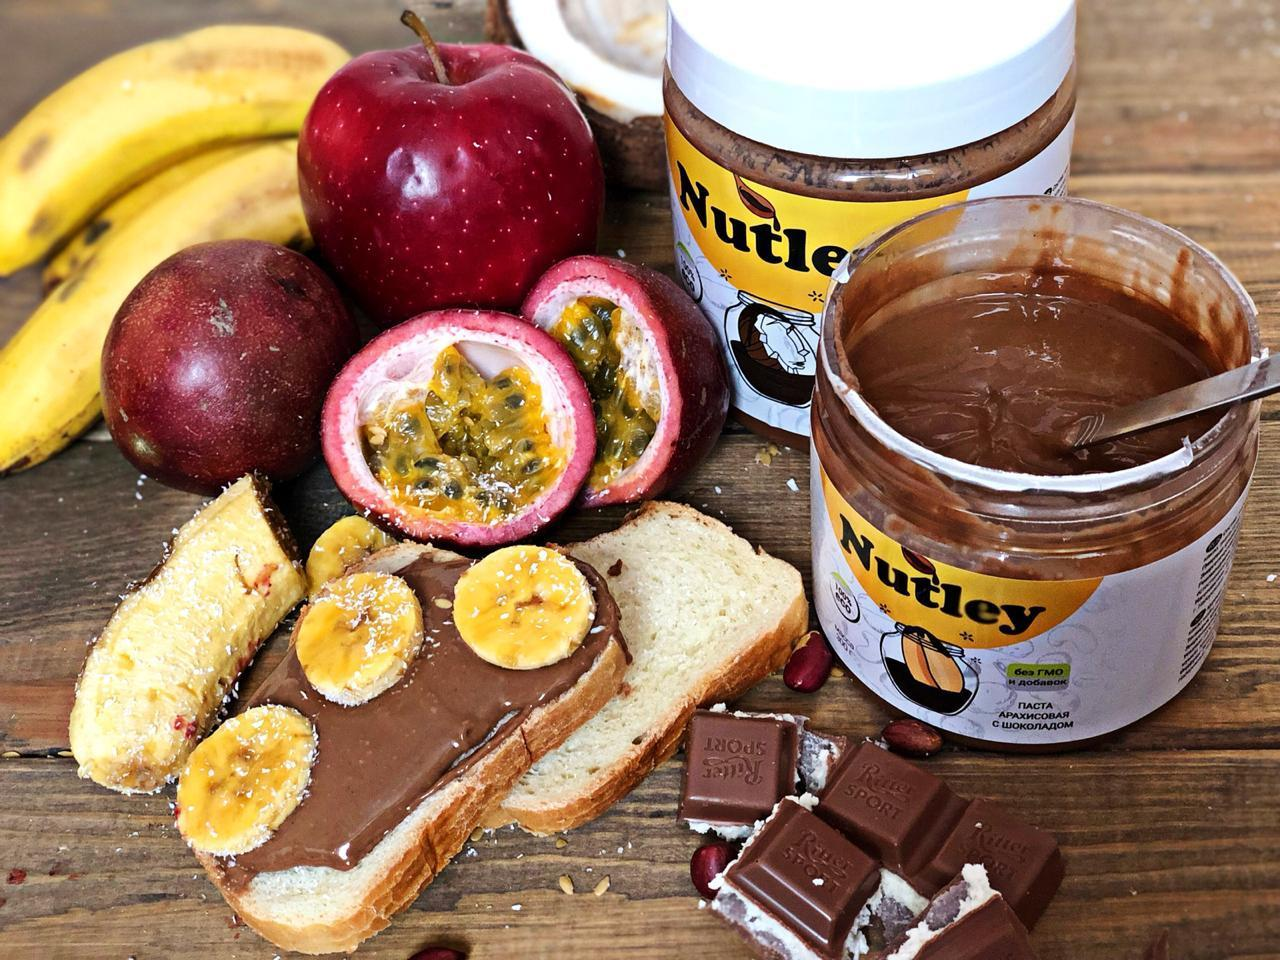 Арахисовая паста с шоколадом Nutley